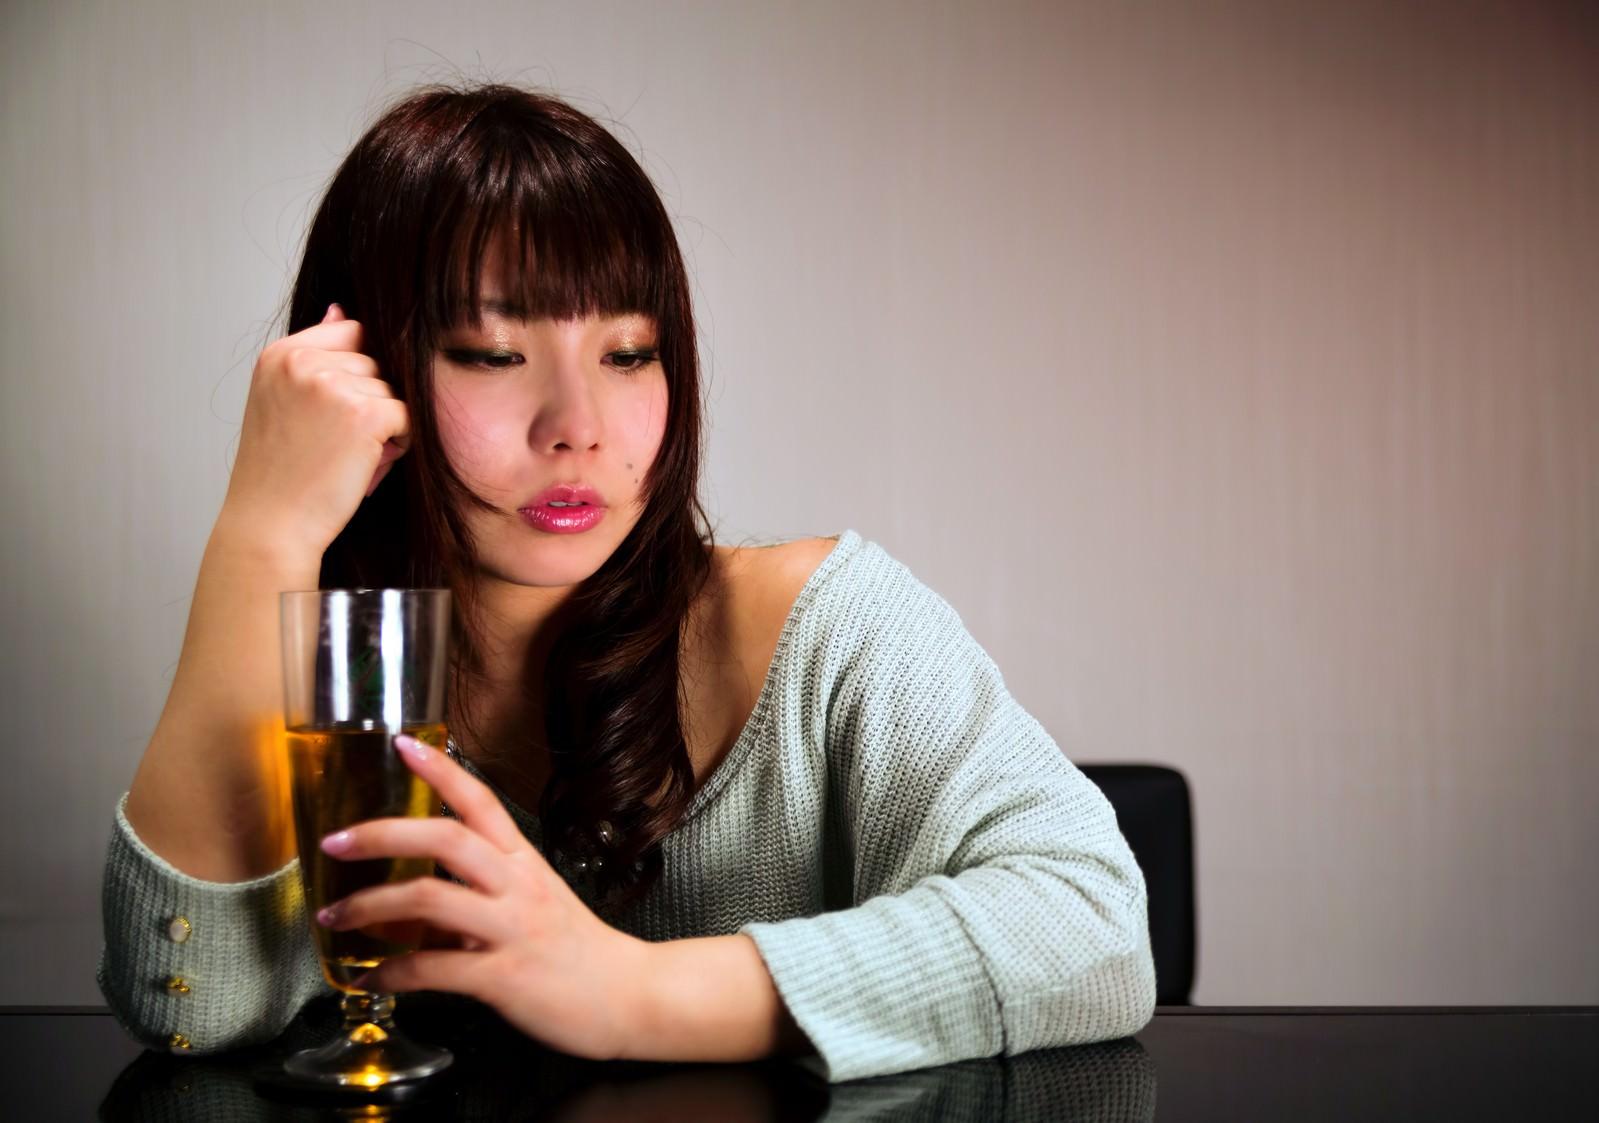 「飲みすぎて赤くなる女性」の写真[モデル:Lala]